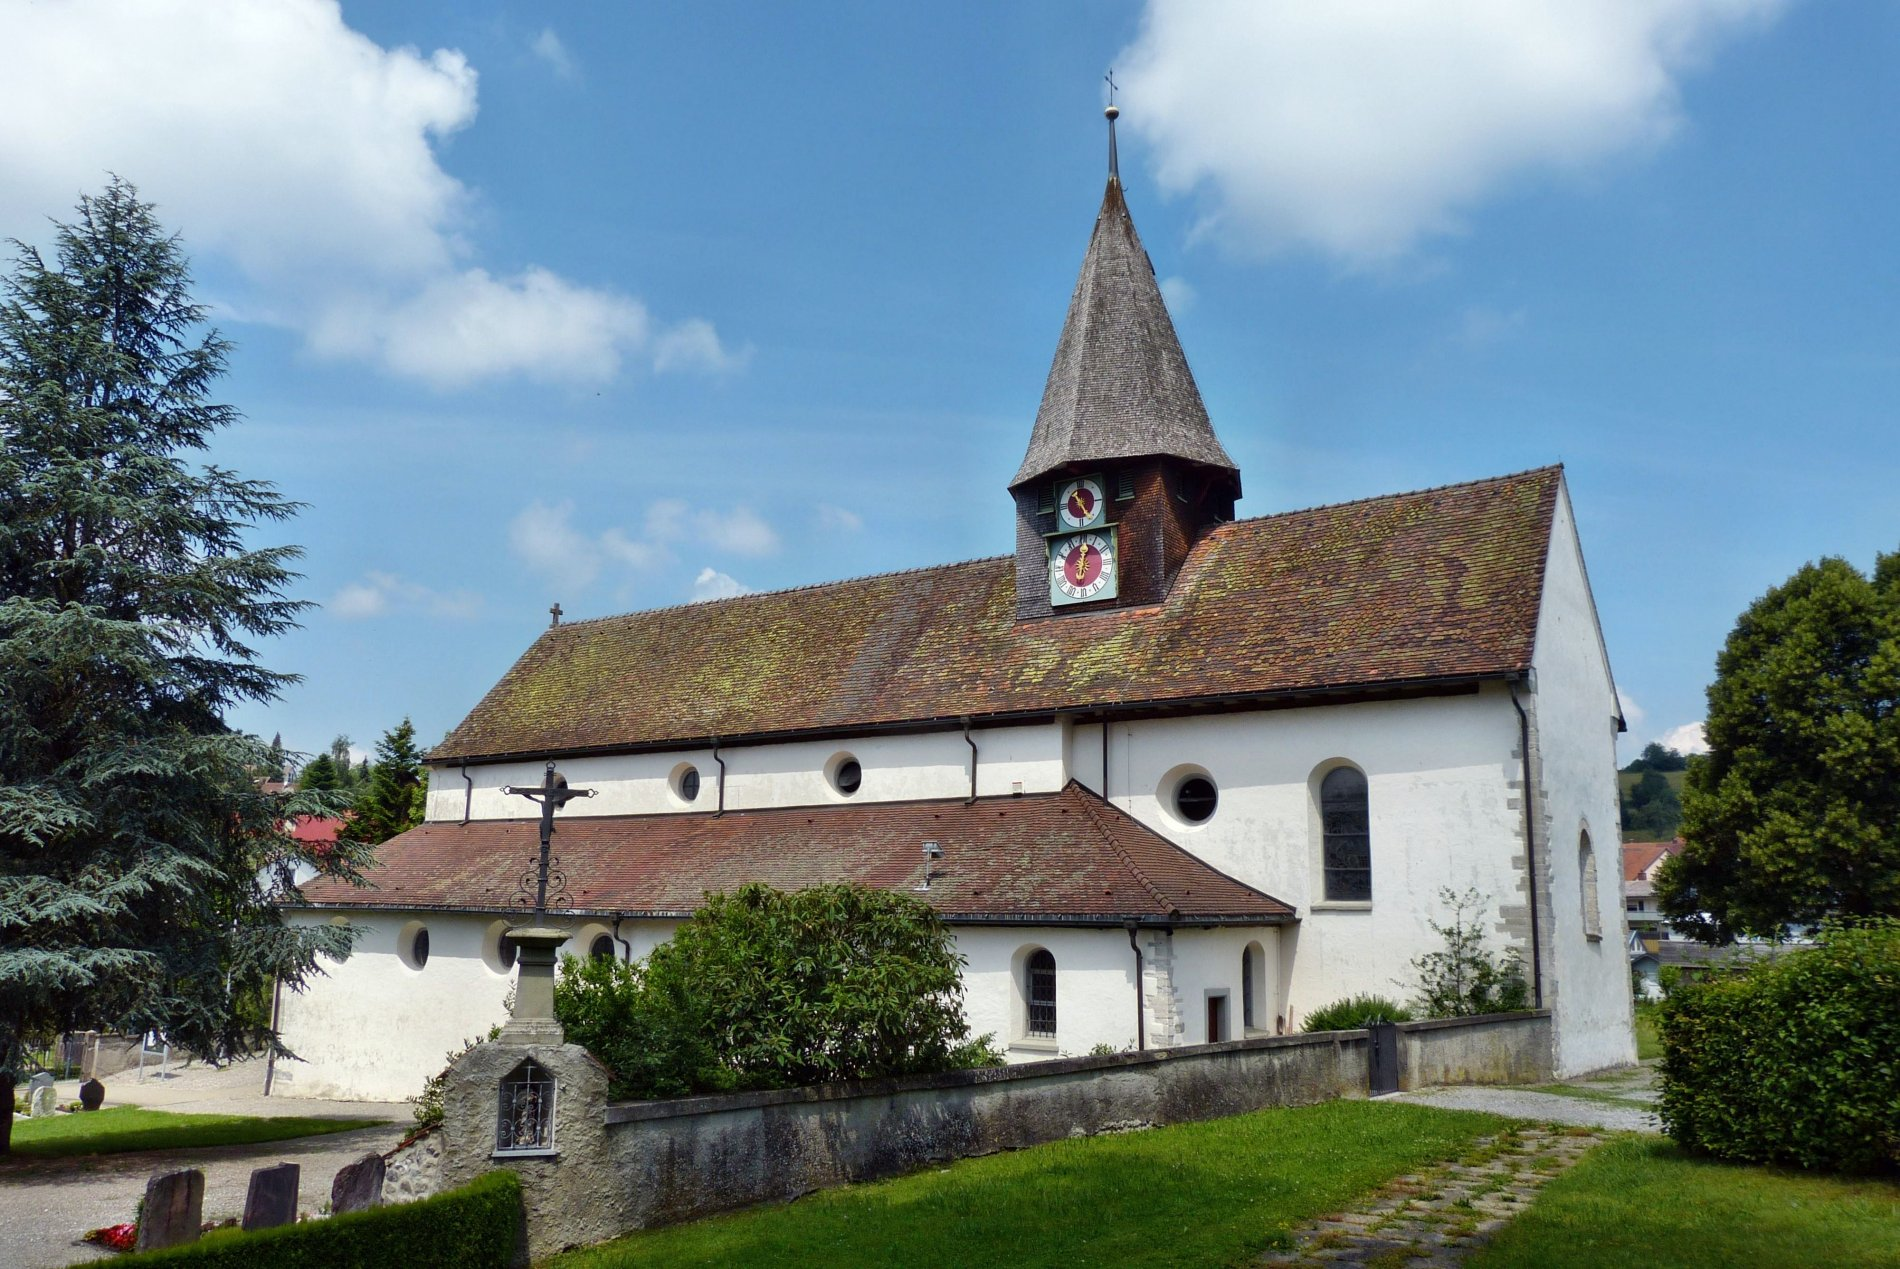 Wallfahrtskirche St. Genesius